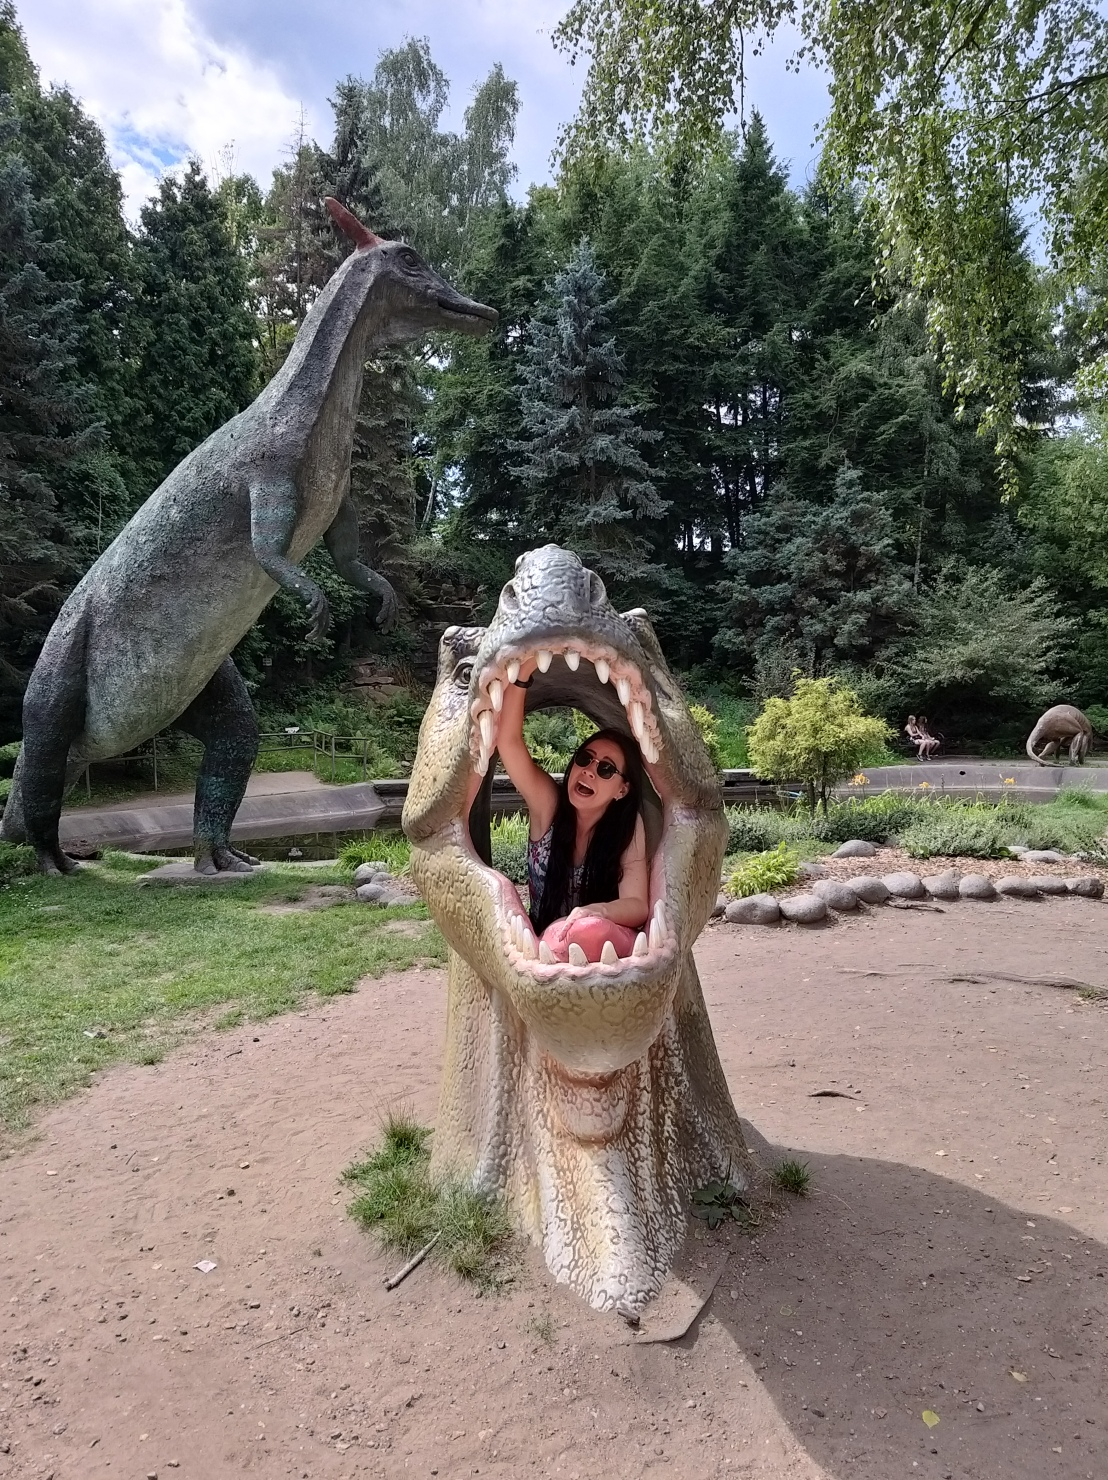 Me inside a hollow dinosaur head pretending I'm being eaten